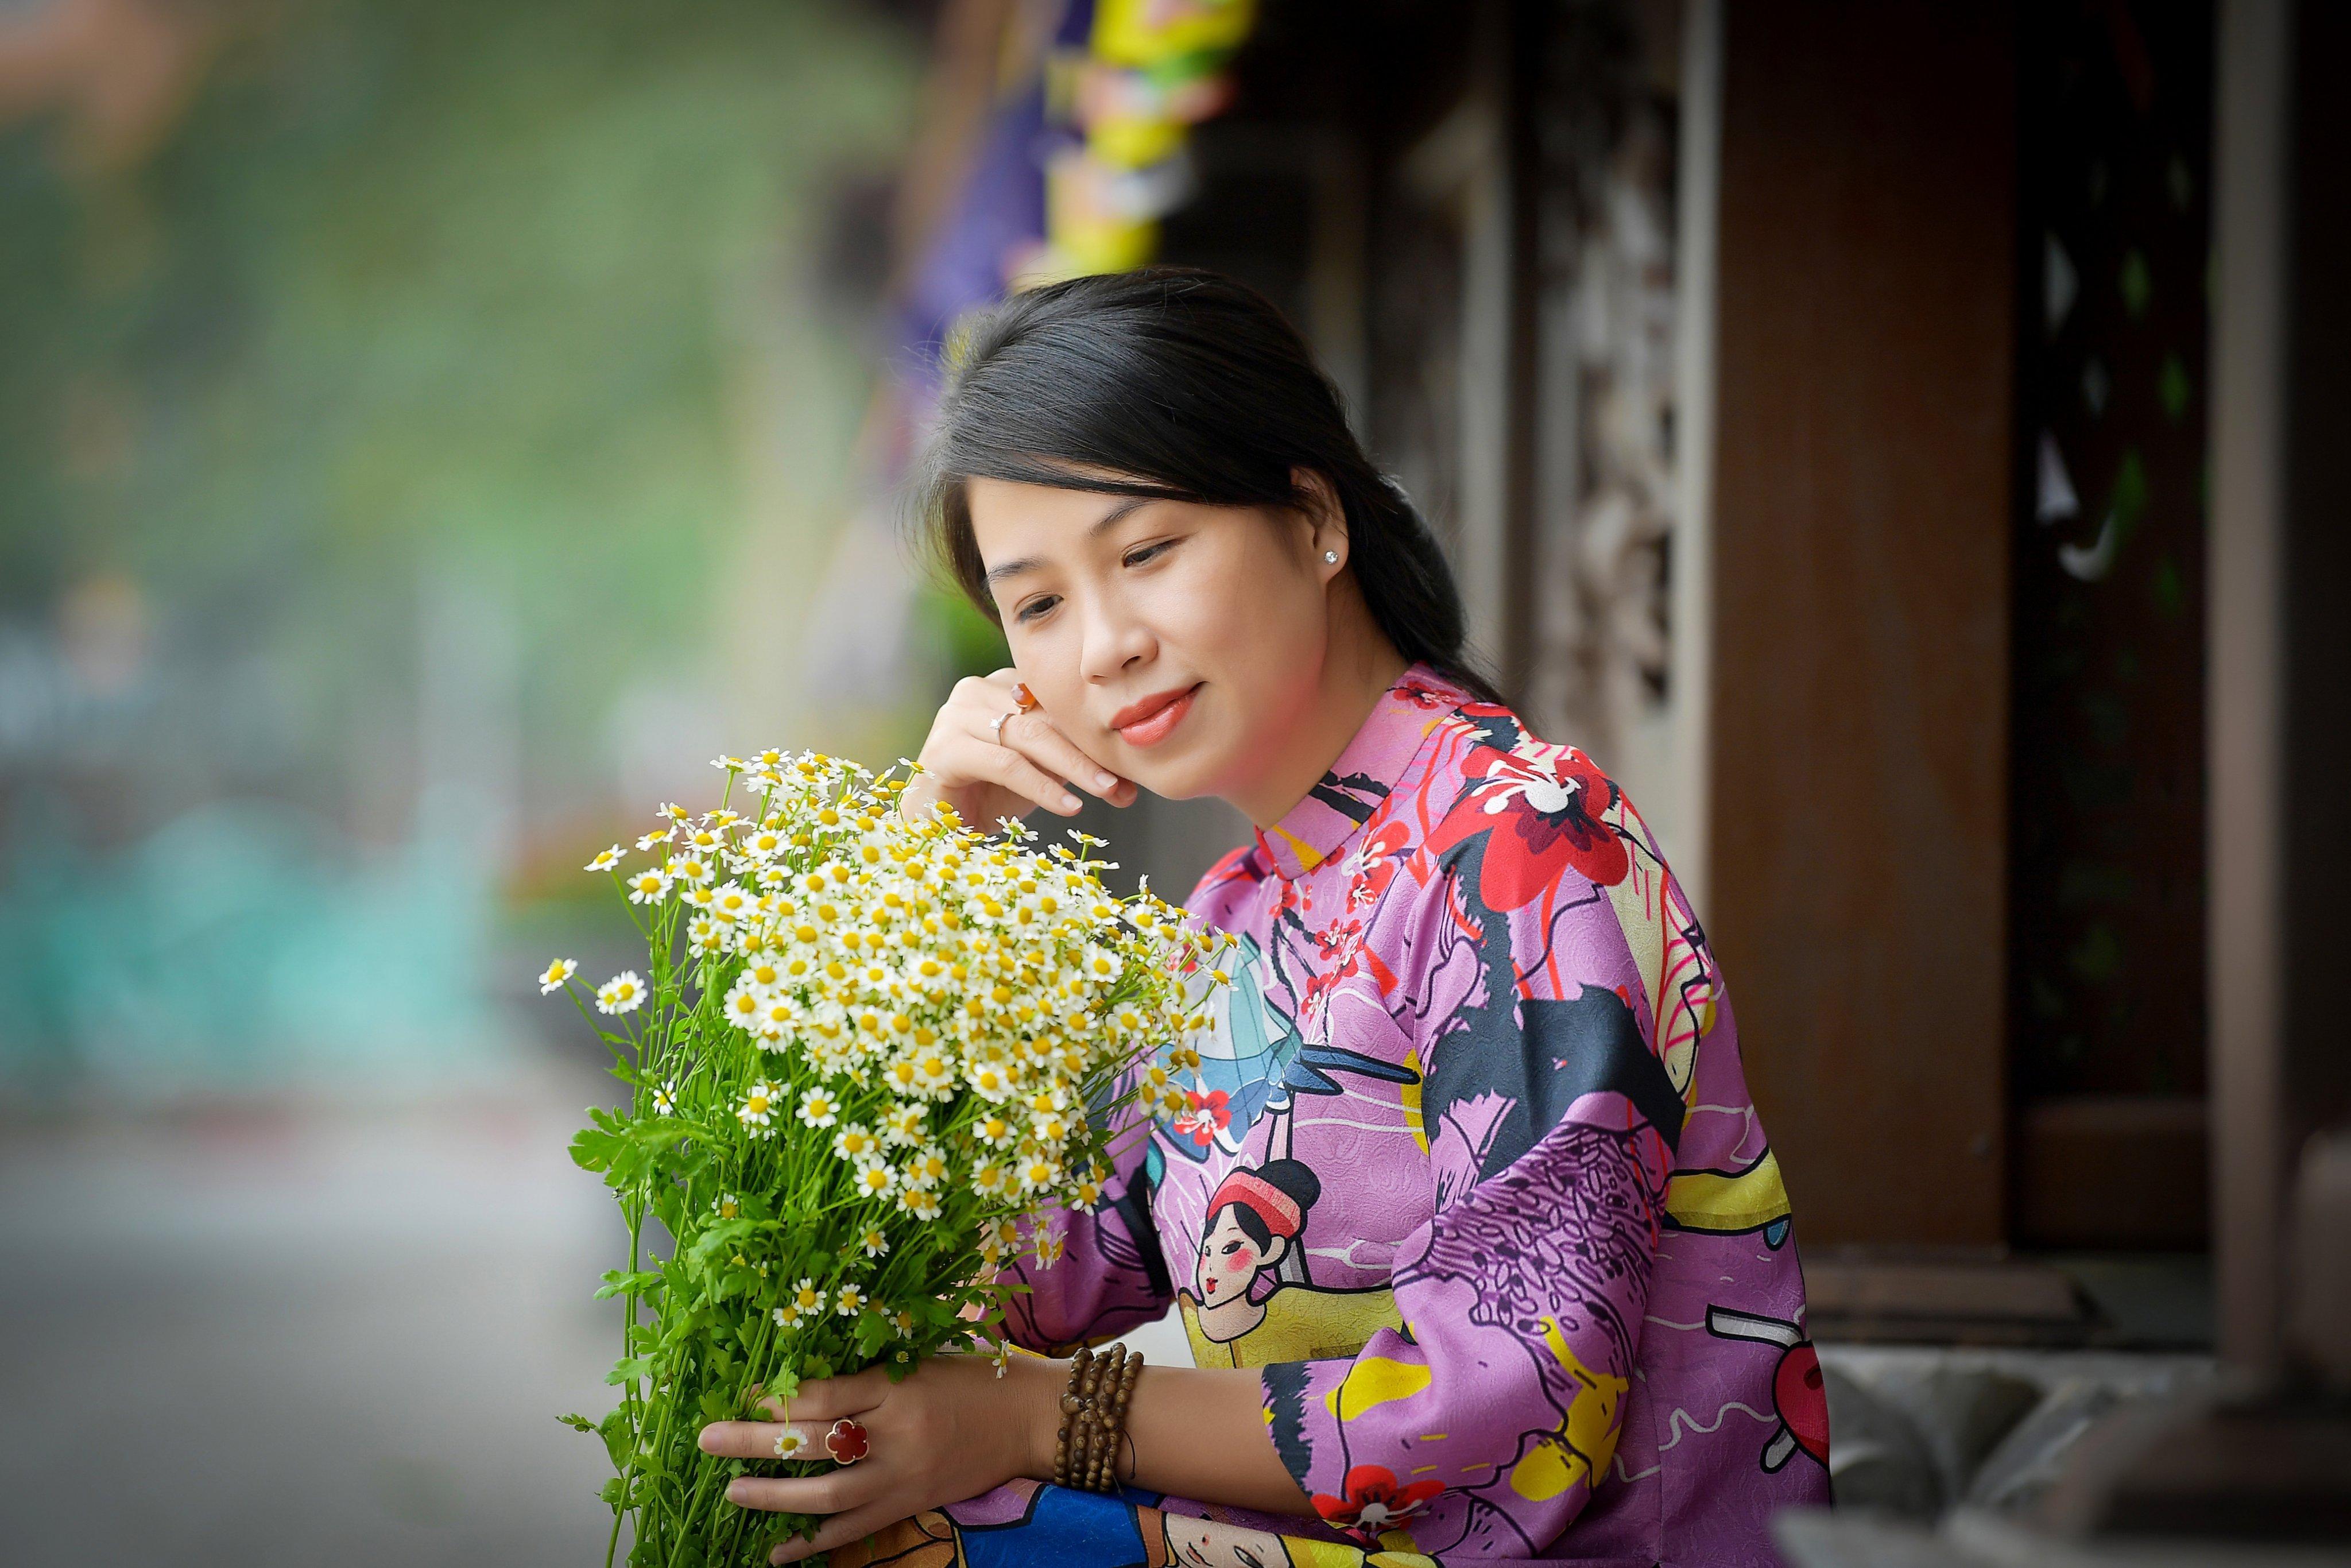 Doanh nhân Lê Thị Hải Châu, CEO Mövenpick Phu Quoc: Làm dịch vụ bằng trái tim, duy trì thương hiệu bằng cái đầu